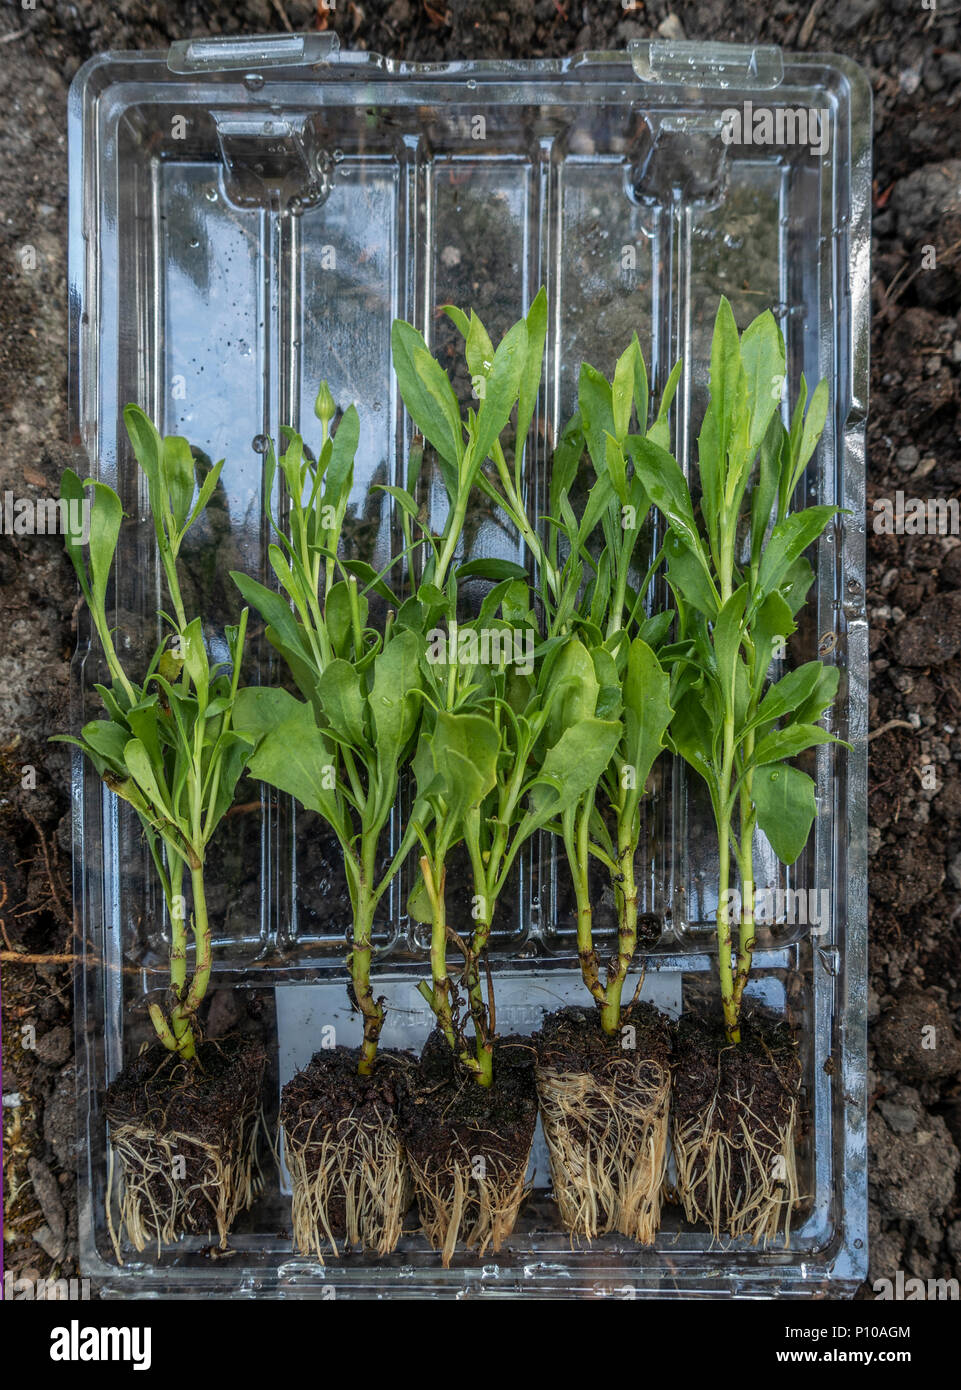 Cinq plantules d'Osterspermum «sérénité Red' (= 'Balsered»), dans son récipient en plastique de la poste, prêt à être planté dans un jardin. Photo Stock